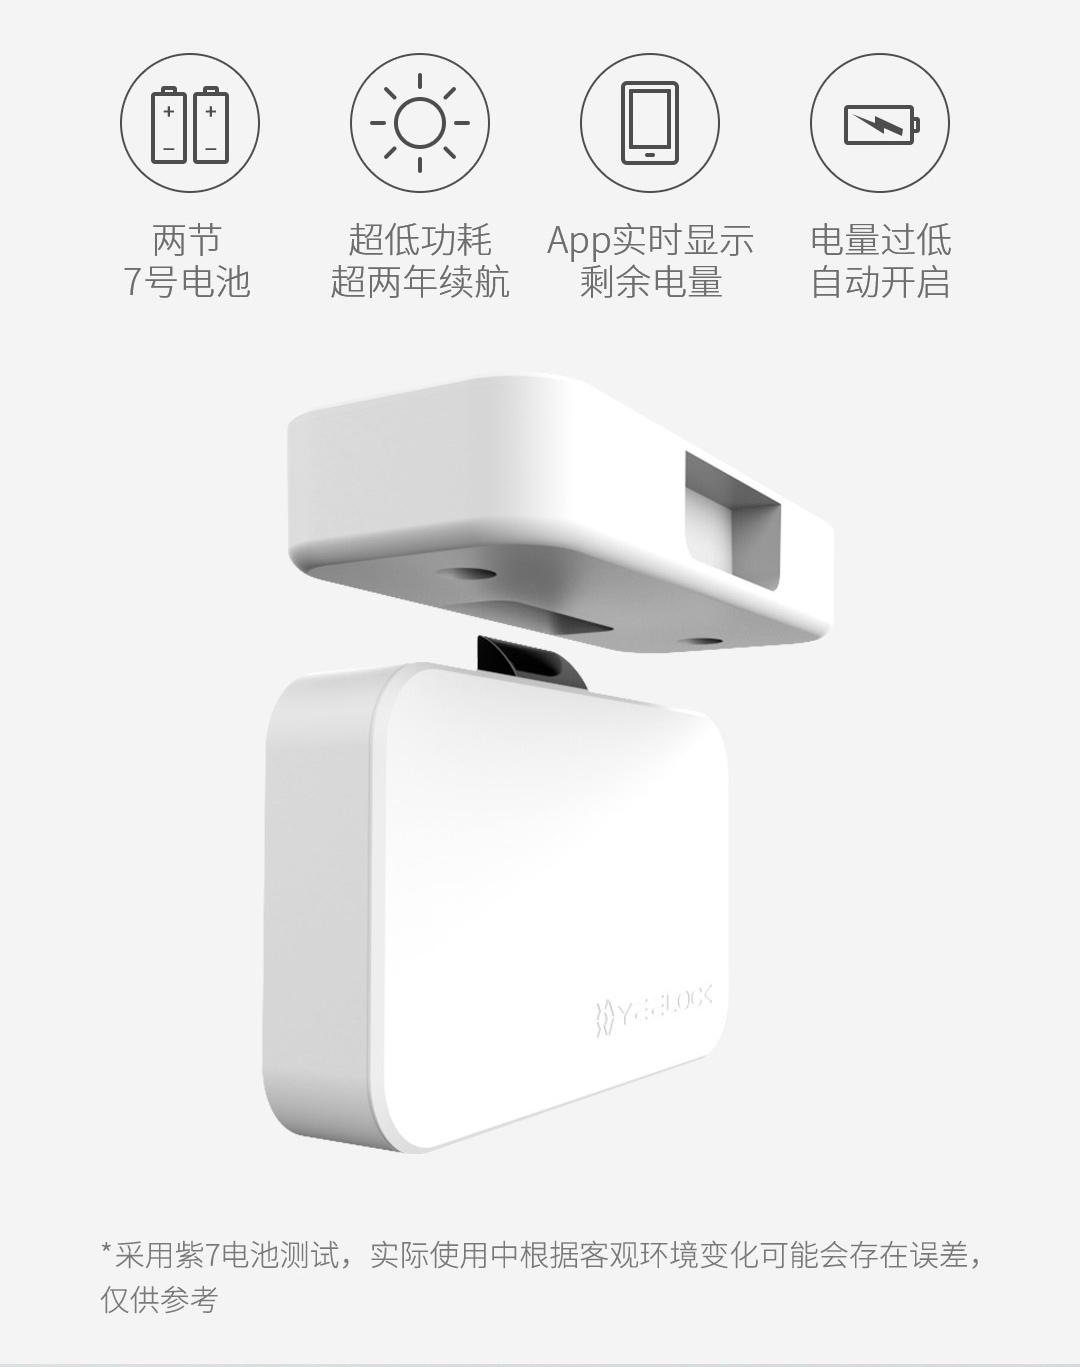 Xiaomi в MIjia YEELOCK смарт-ящика кабинет блокировки Bluetooth приложения разблокировать Анти Вор безопасности ребенка безопасности файлов для домашнего офиса и т. д